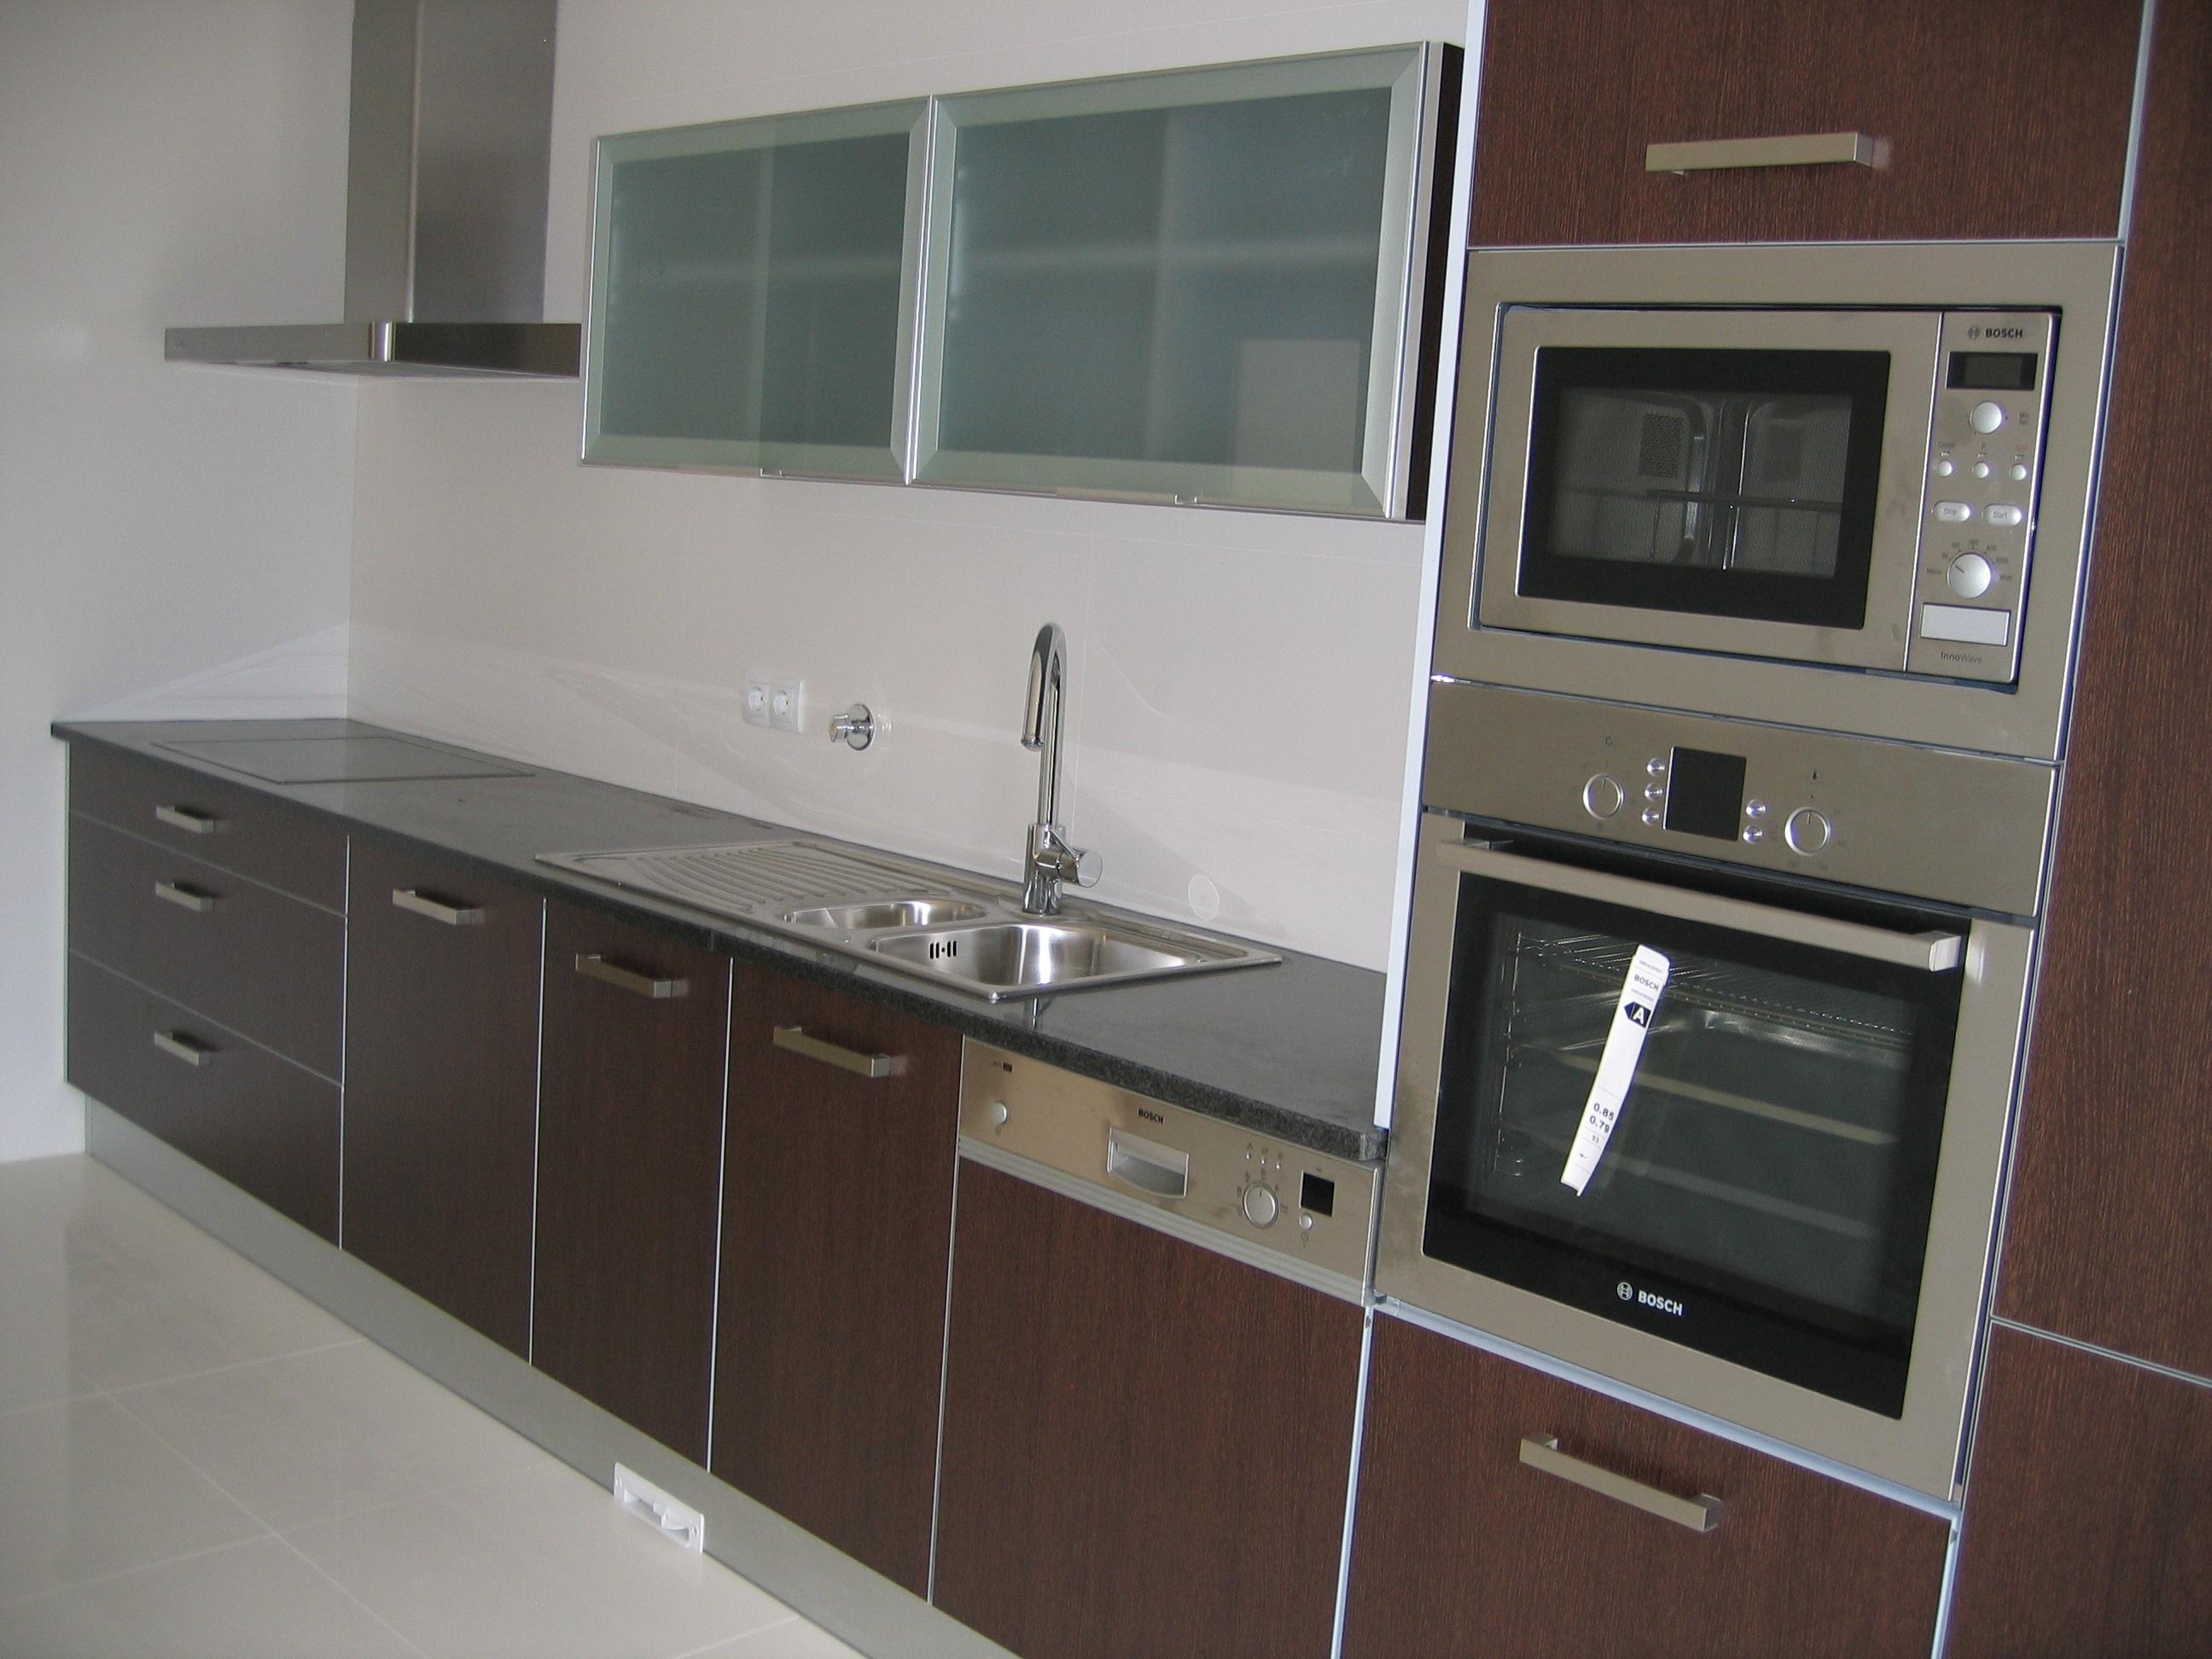 Galeria » Decoração de Cozinha Moveis cozinha #59443D 2592x1944